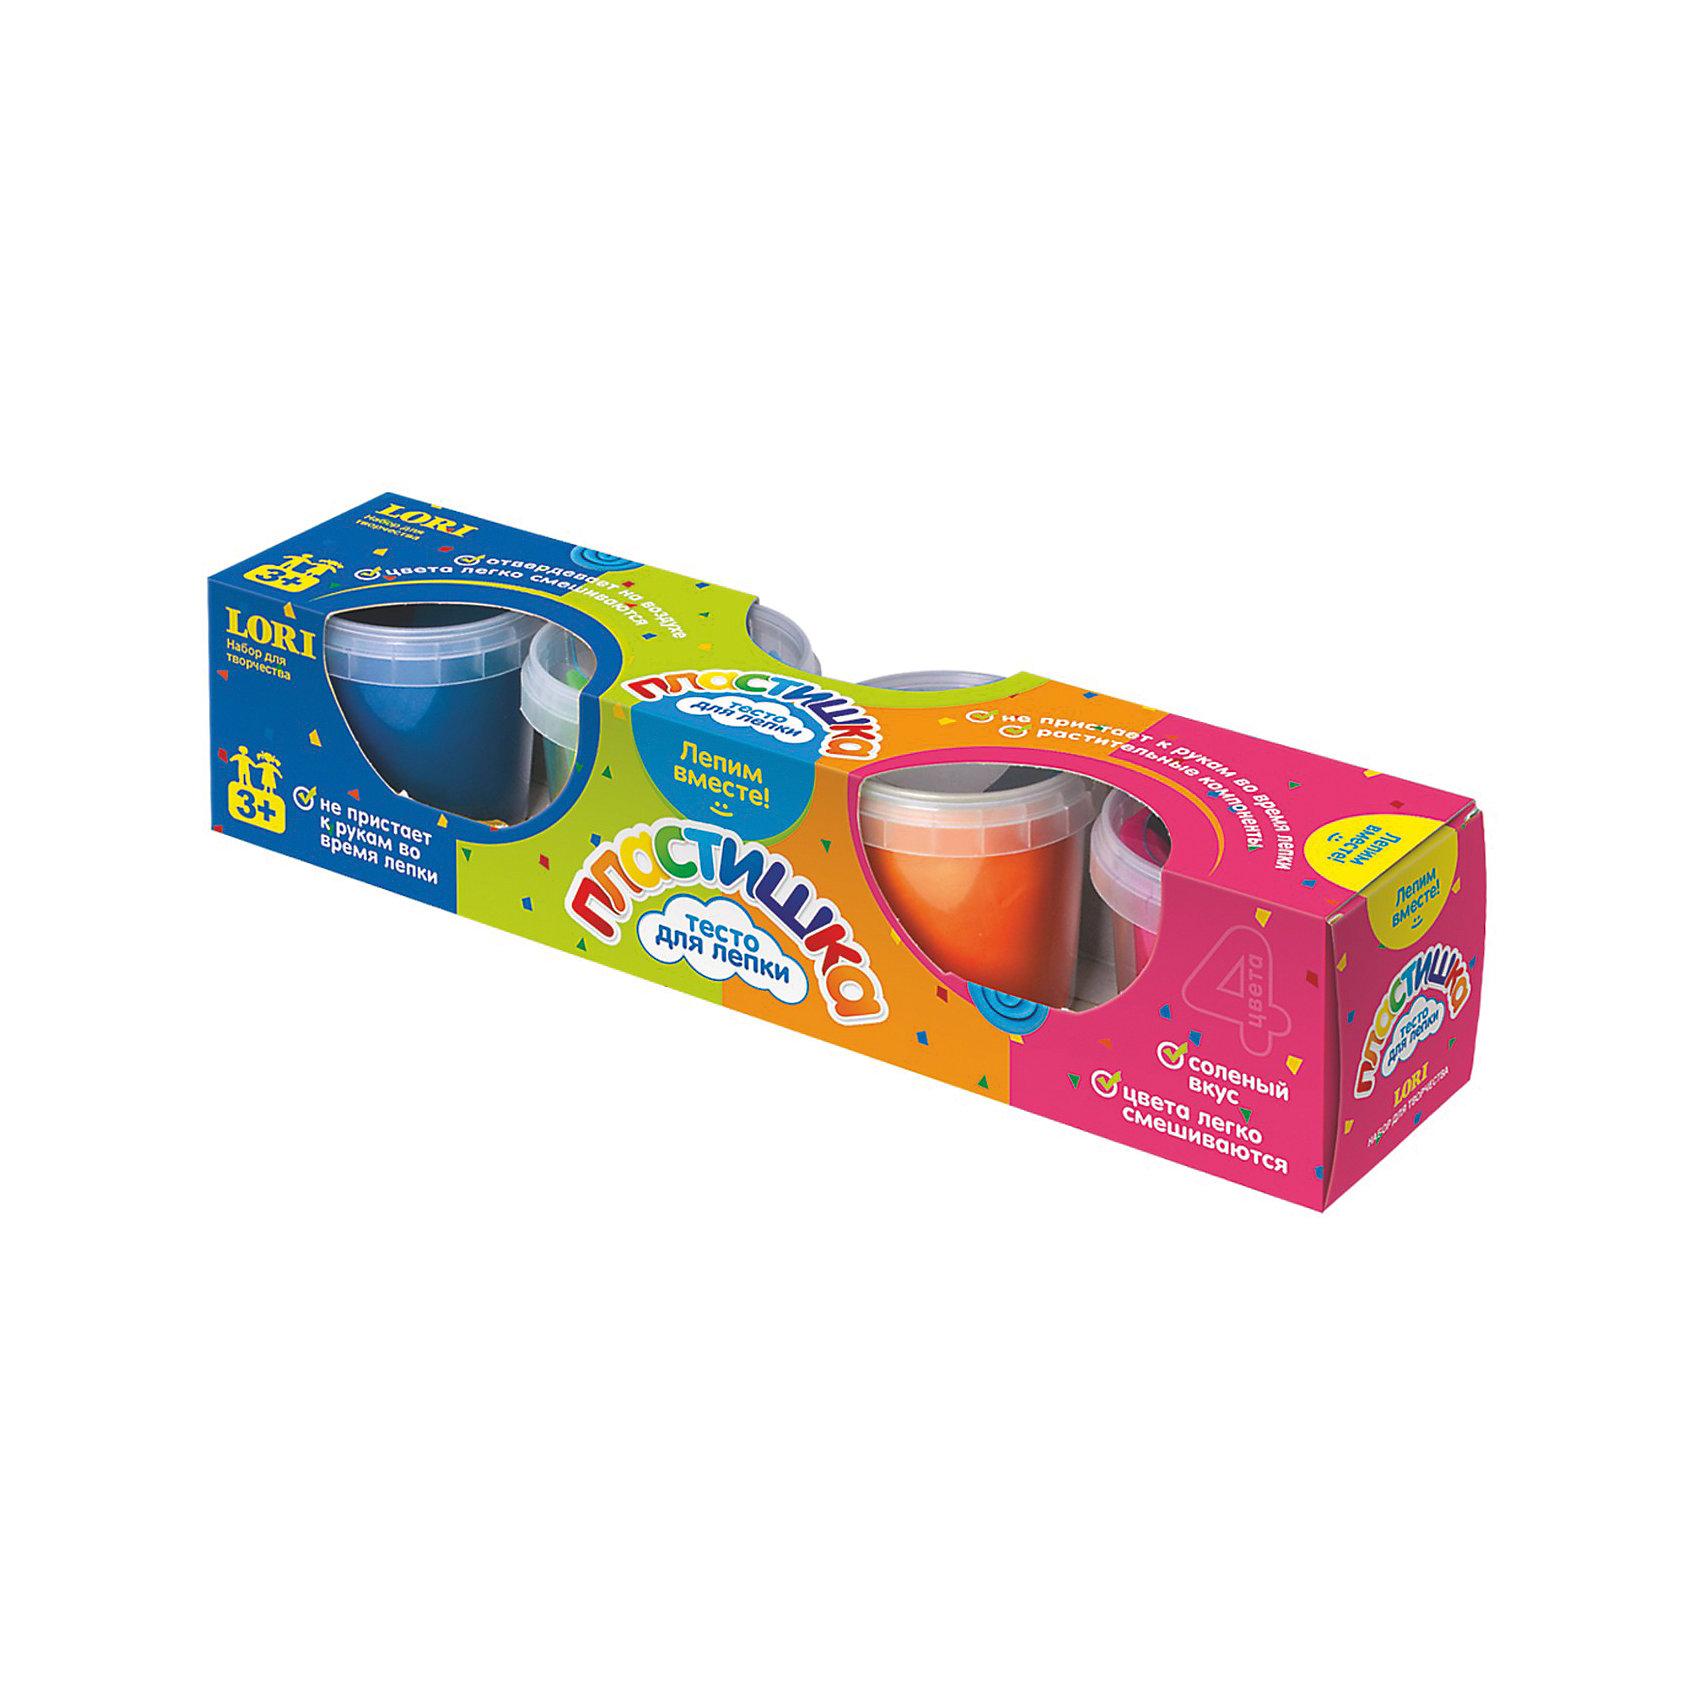 Тесто для лепки Пластишка, 4цв.Лепка из соленого теста различных цветов - одно из самых  увлекательных и полезных занятий для ребенка, она помогает развить моторику, мышление, фантазию и воображение детей любого возраста. Свойство теста затвердевать позволяет использовать готовые фигурки в играх. Тесто содержит только растительные компоненты, безопасные для детей, не пристает к рукам во время лепки.  Цвета легко смешиваются позволяя создавать нужные оттенки. <br><br>Дополнительная информация:<br><br>- Материал: тесто для лепки. <br>- Размер упаковки: 30х7х7 см. <br>- 4 цвета по 100 гр. (розовый, оранжевый, светло-зеленый, синий).<br>- Изготовлено на основе растительных компонентов.<br>- Цвета легко смешиваются.<br>- Твердеет на воздухе.<br>- Не липнет в рукам.<br><br>Тесто для лепки Пластишка, 4 цв. можно купить в нашем магазине.<br><br>Ширина мм: 330<br>Глубина мм: 215<br>Высота мм: 230<br>Вес г: 484<br>Возраст от месяцев: 36<br>Возраст до месяцев: 2147483647<br>Пол: Унисекс<br>Возраст: Детский<br>SKU: 4561154